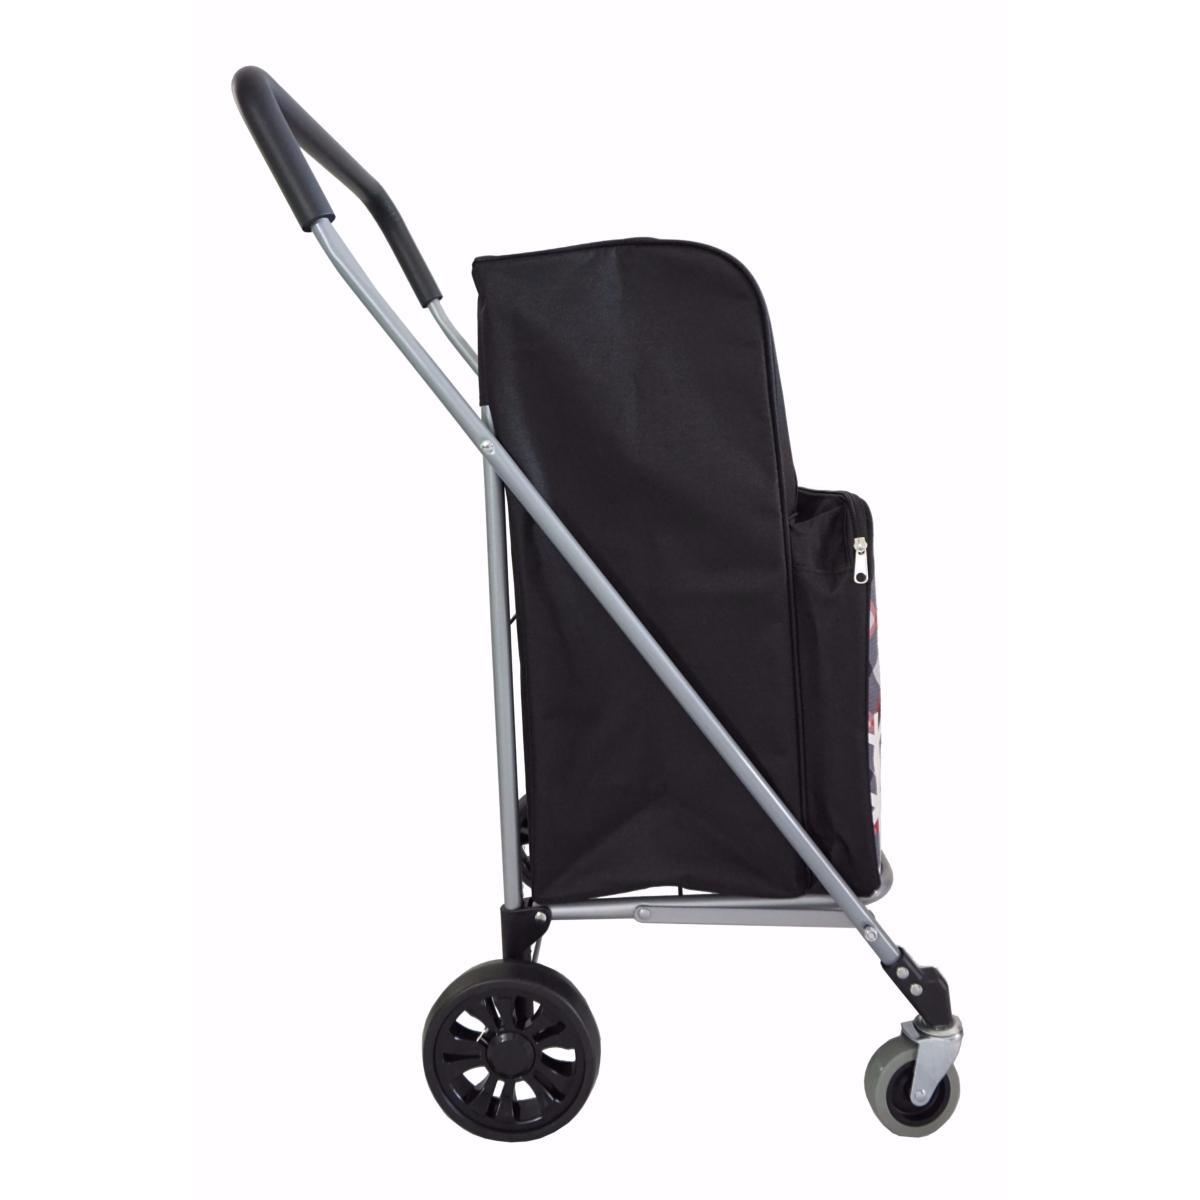 chariot de courses 4 roues pliable bo time poche avant isotherme int gr e grande capacit 63l. Black Bedroom Furniture Sets. Home Design Ideas